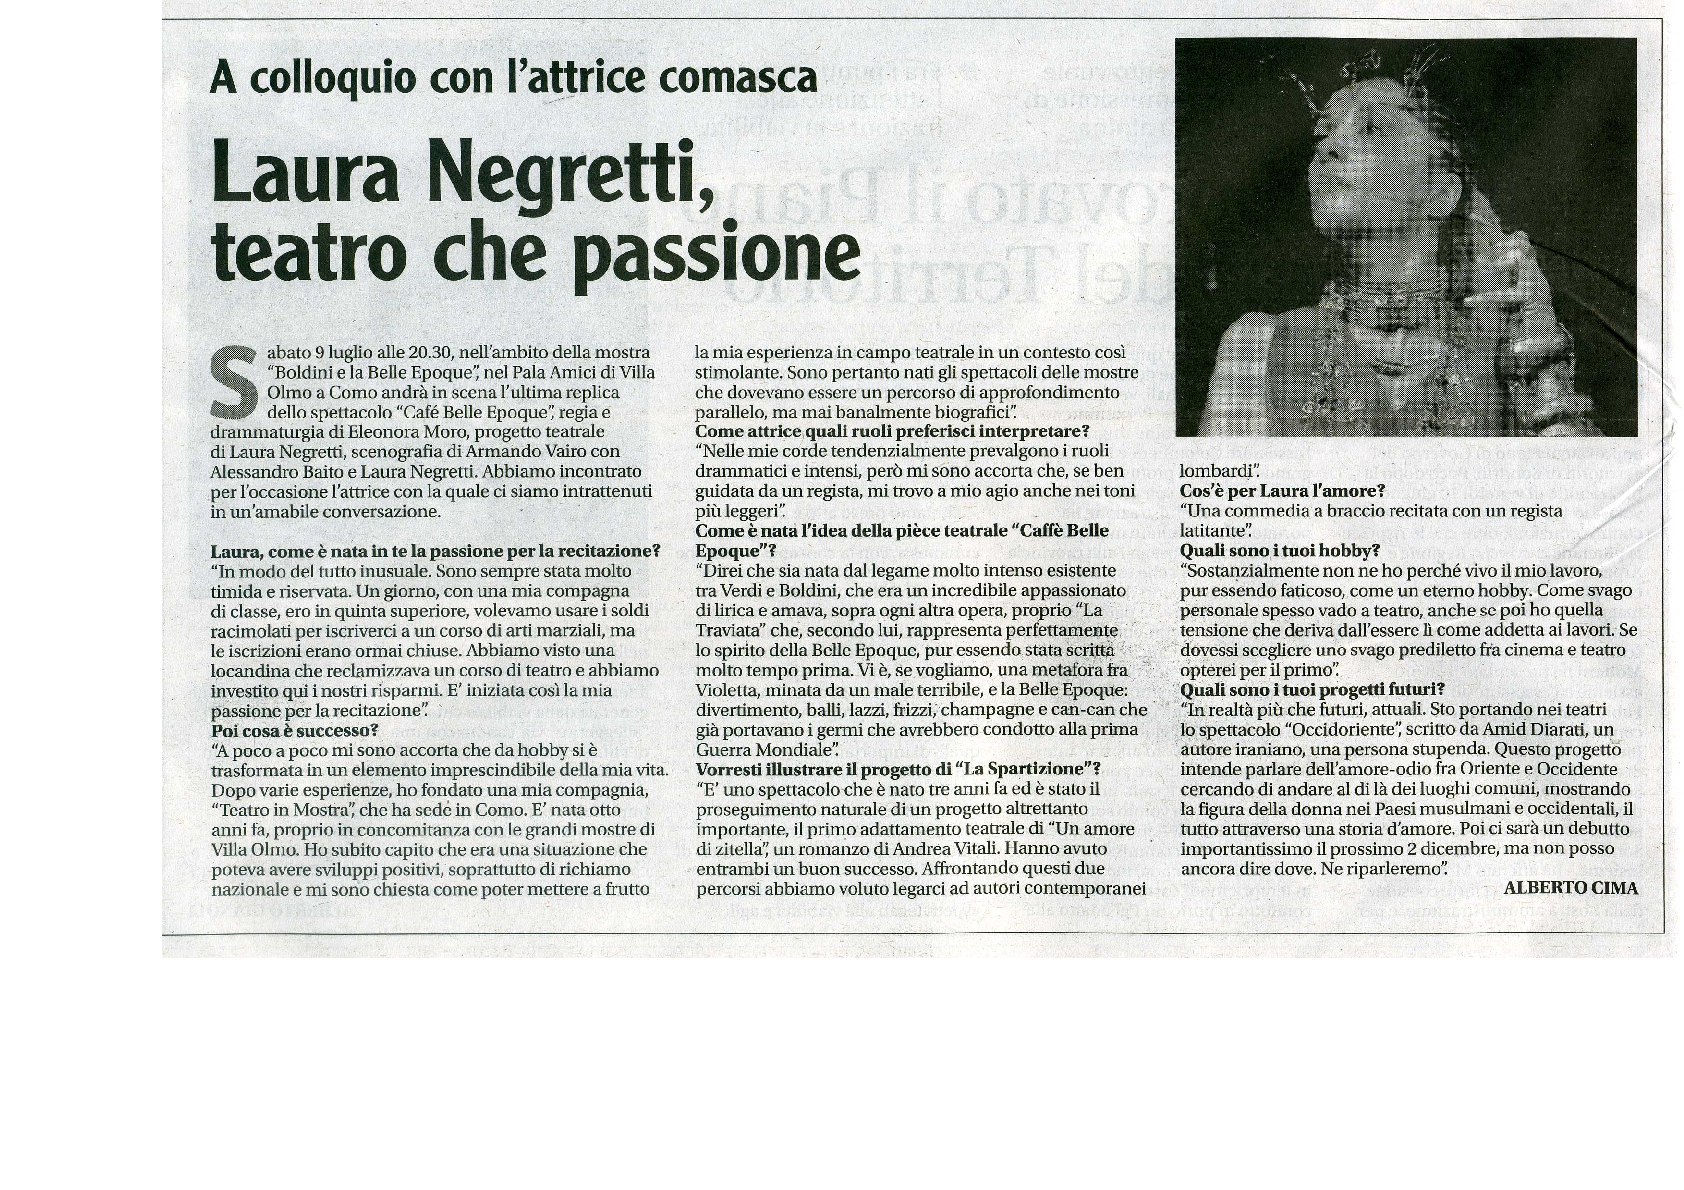 Intervista a Laura Negretti - Il Settimanale - 18 giu 111